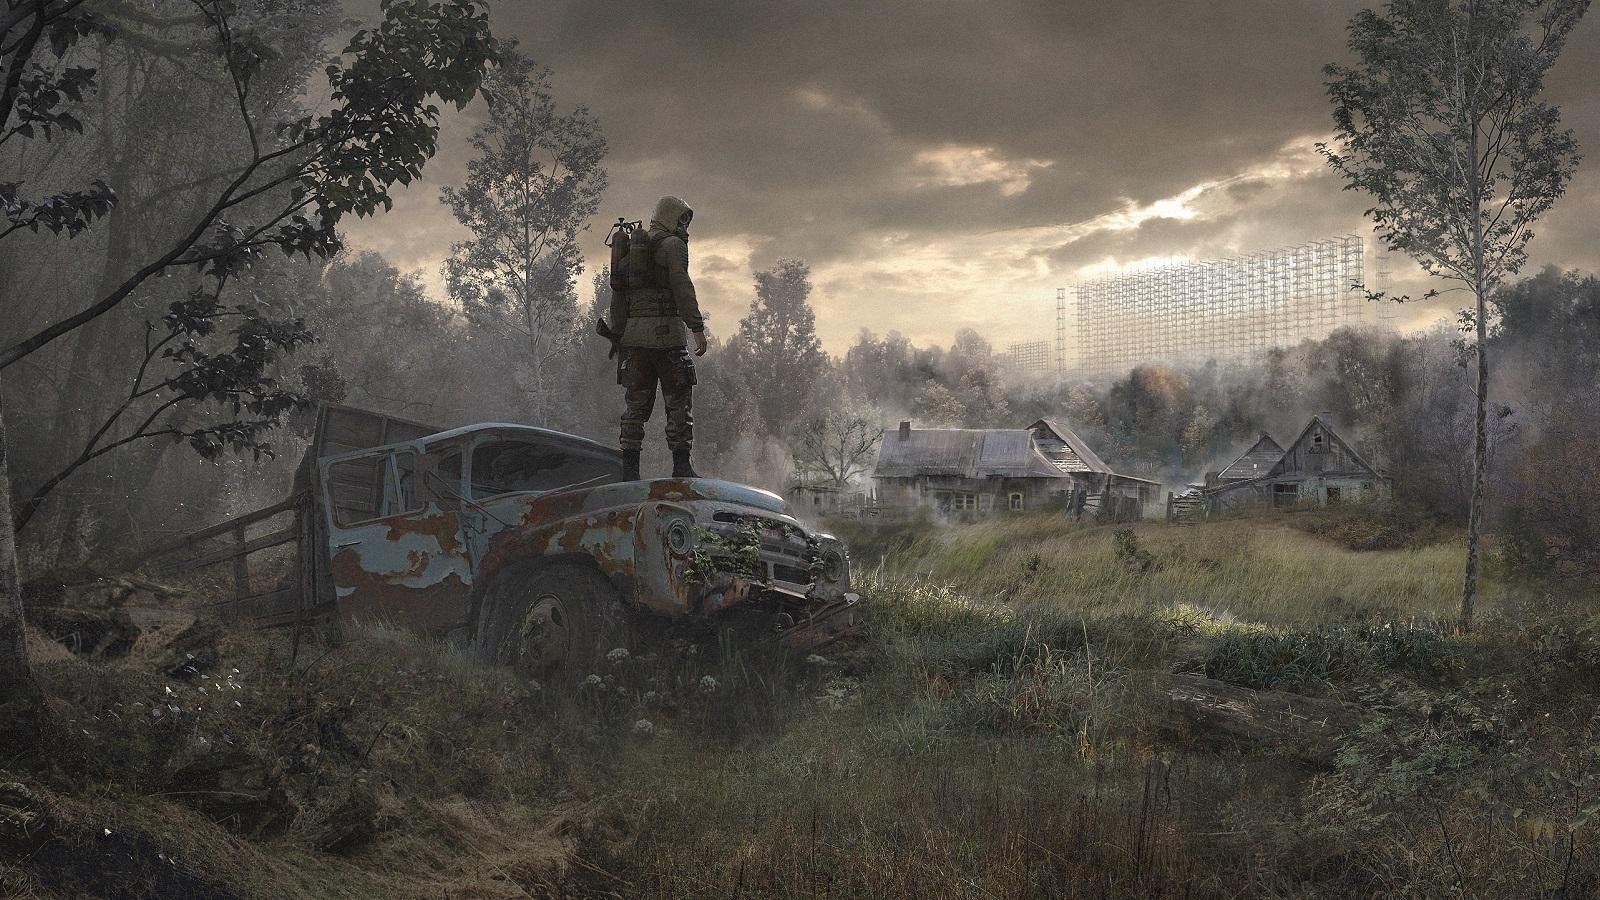 S.T.A.L.K.E.R. 2 предложит «сотни часов» контента, но и основной сюжет будет «очень продолжительным»